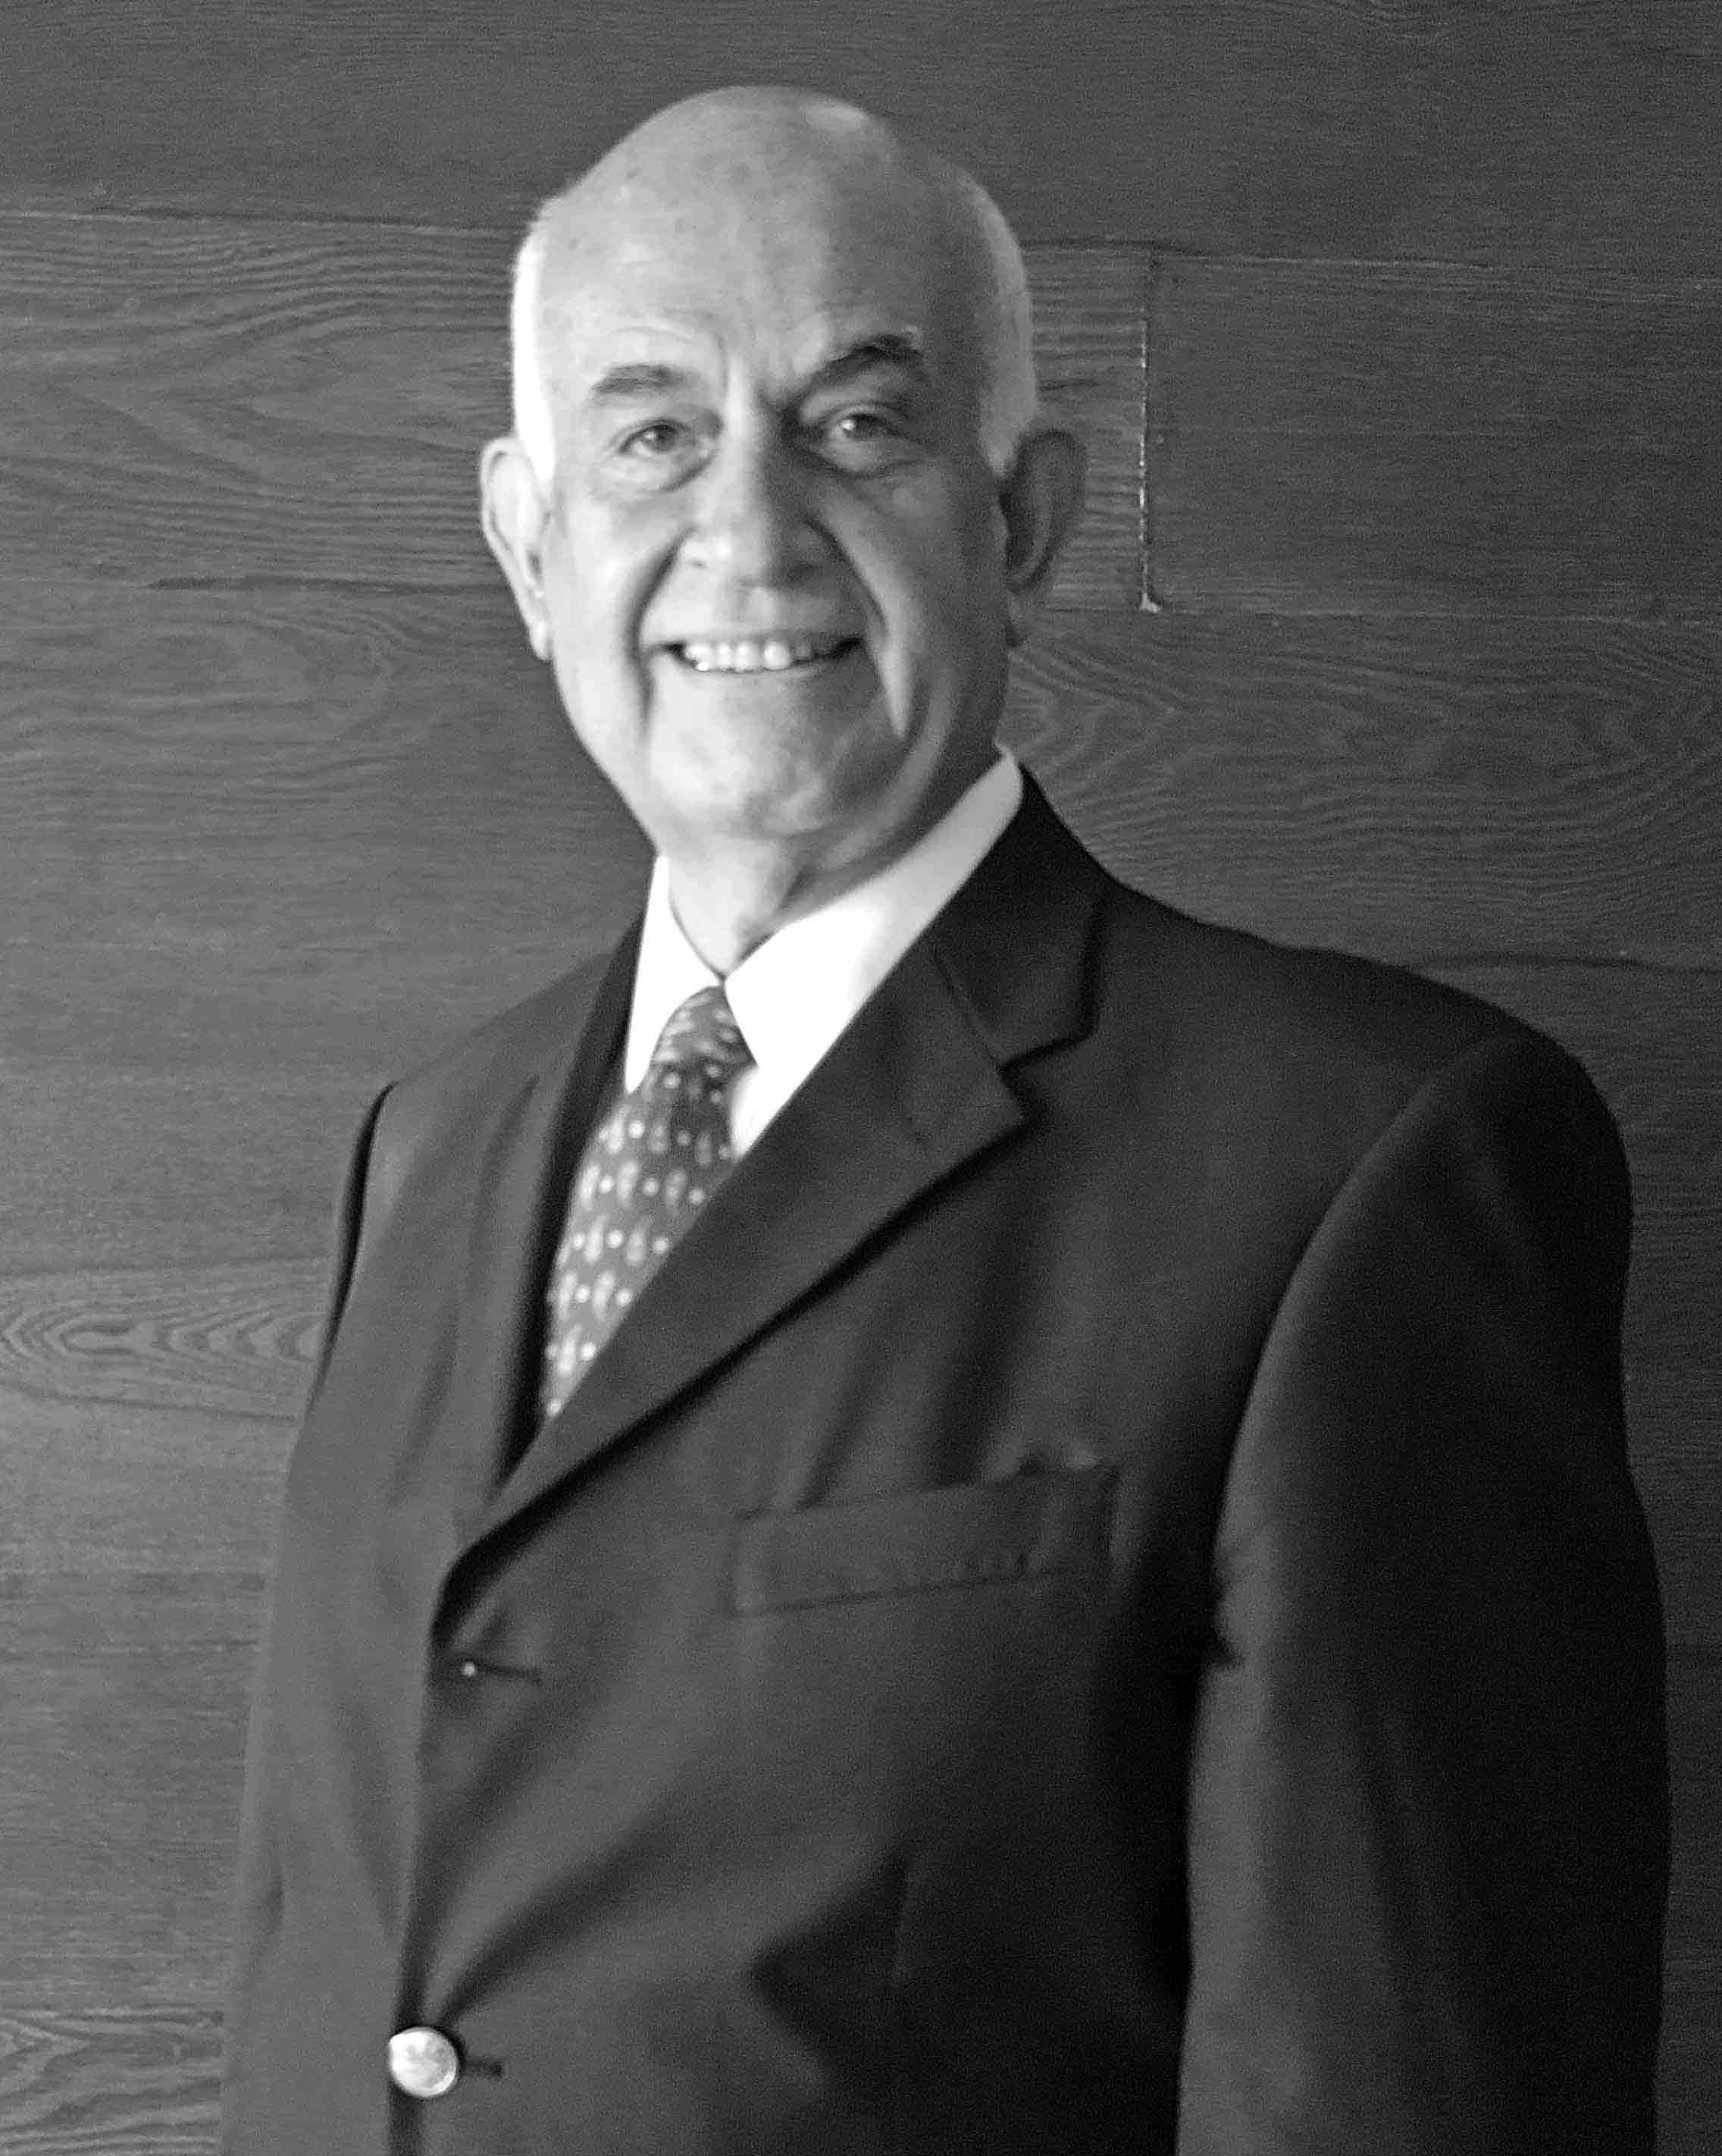 Jaime Gonzalez de la Pena